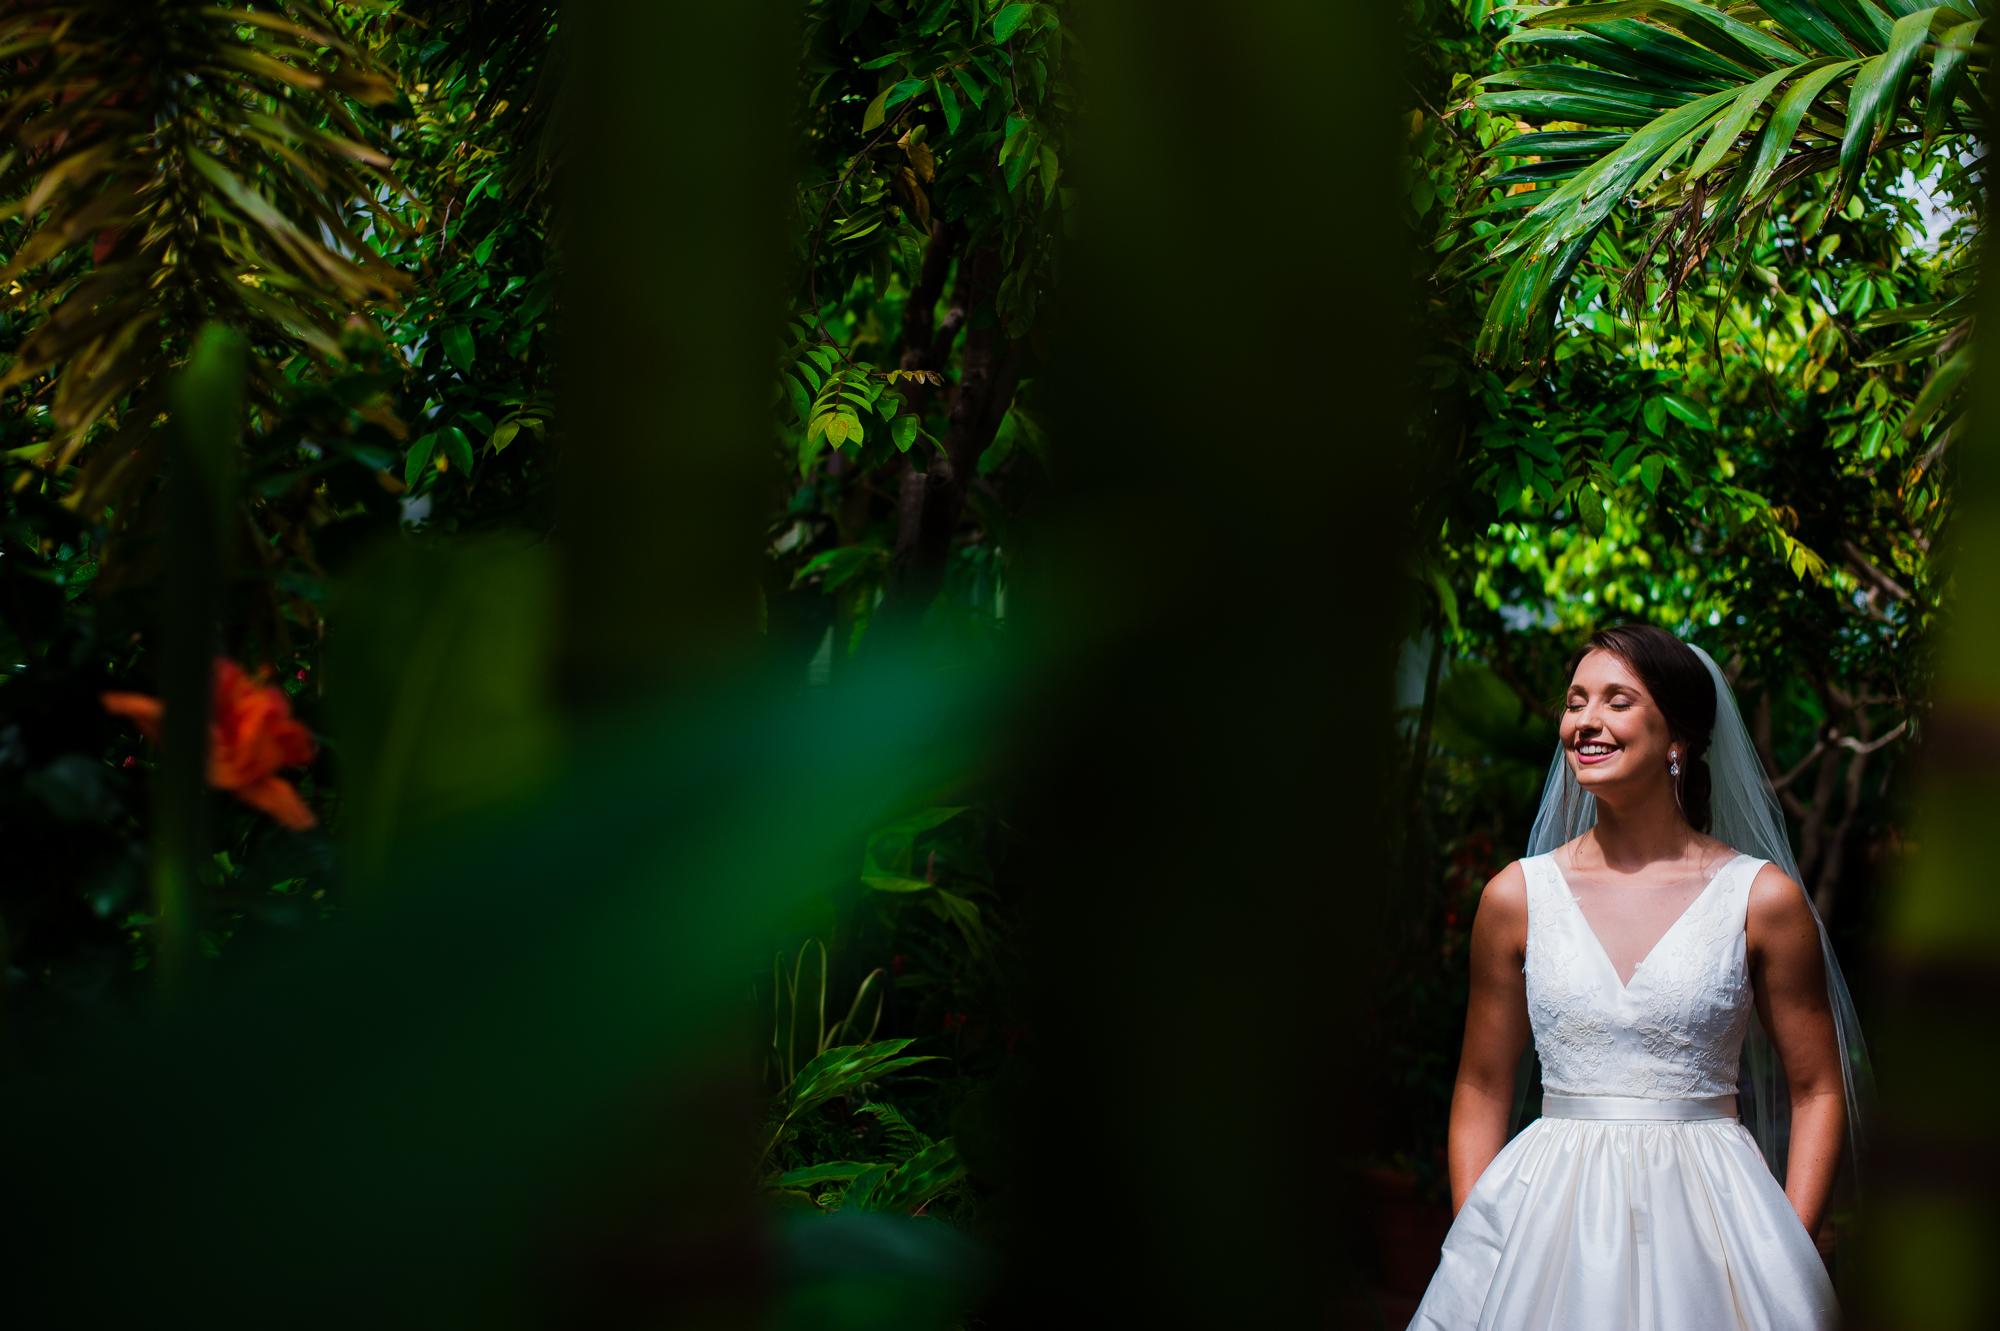 biltmore estate bride during her wedding